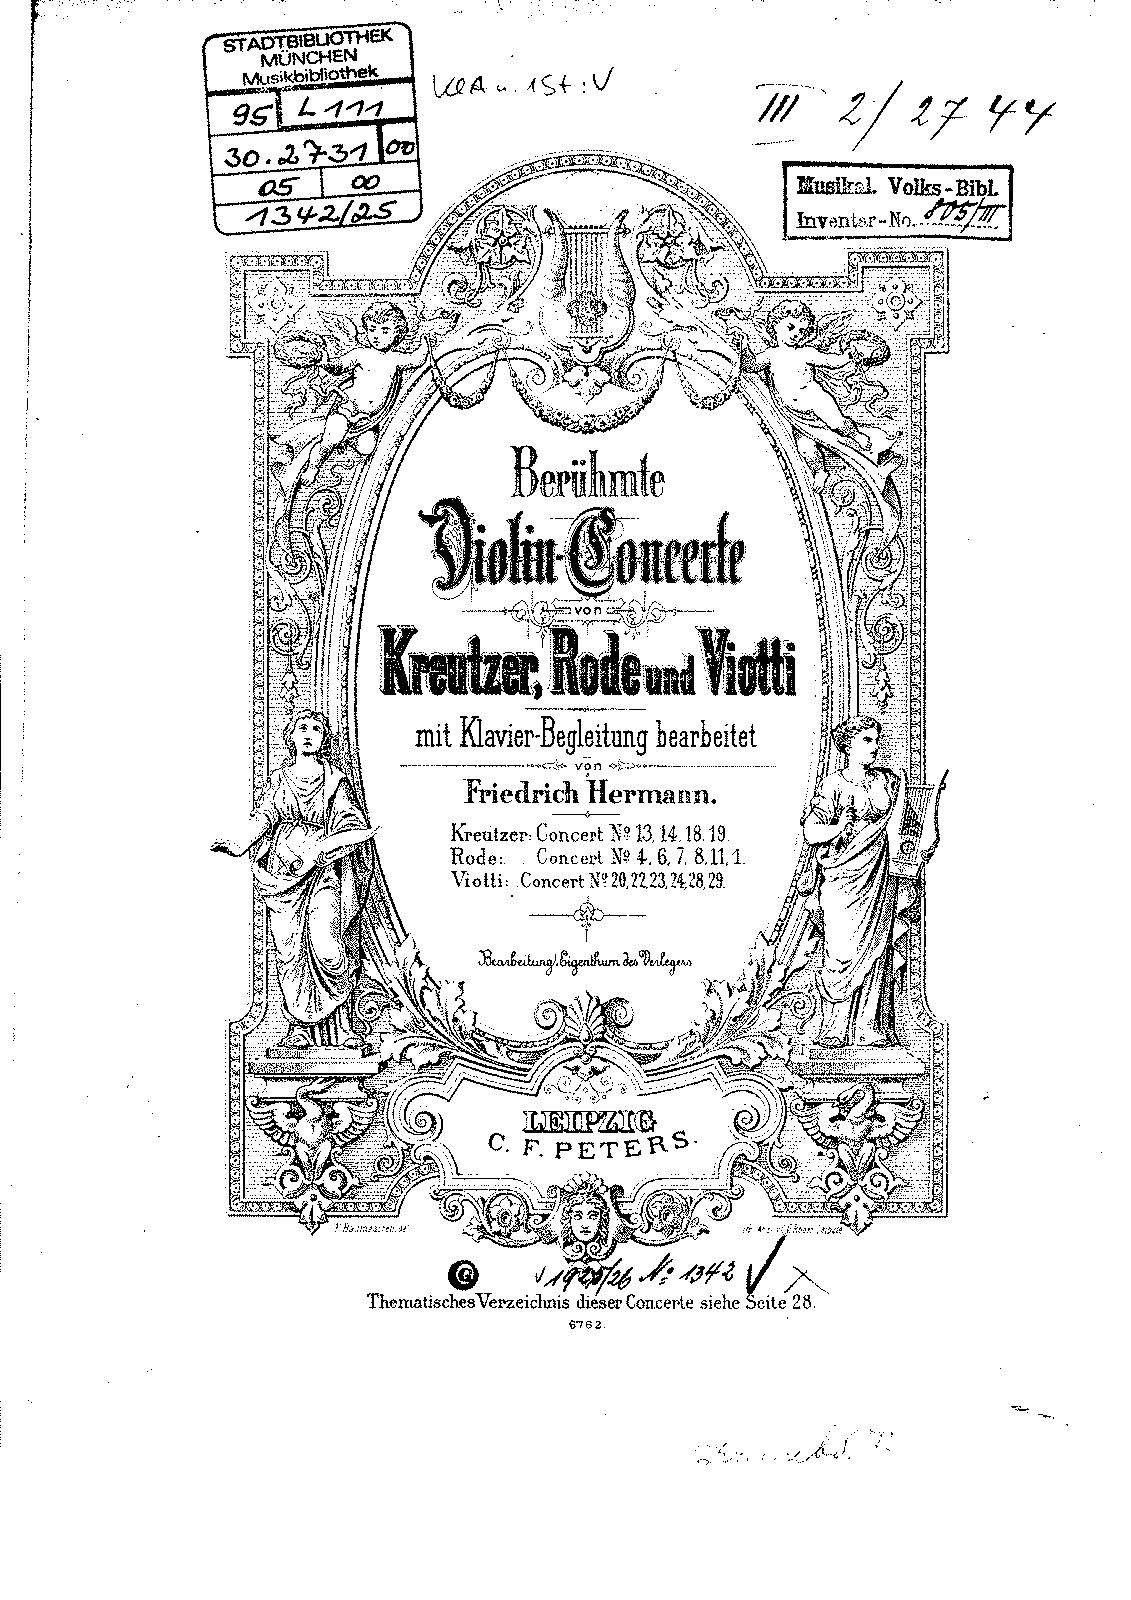 Violin Concerto No.18 in E minor (Kreutzer, Rodolphe